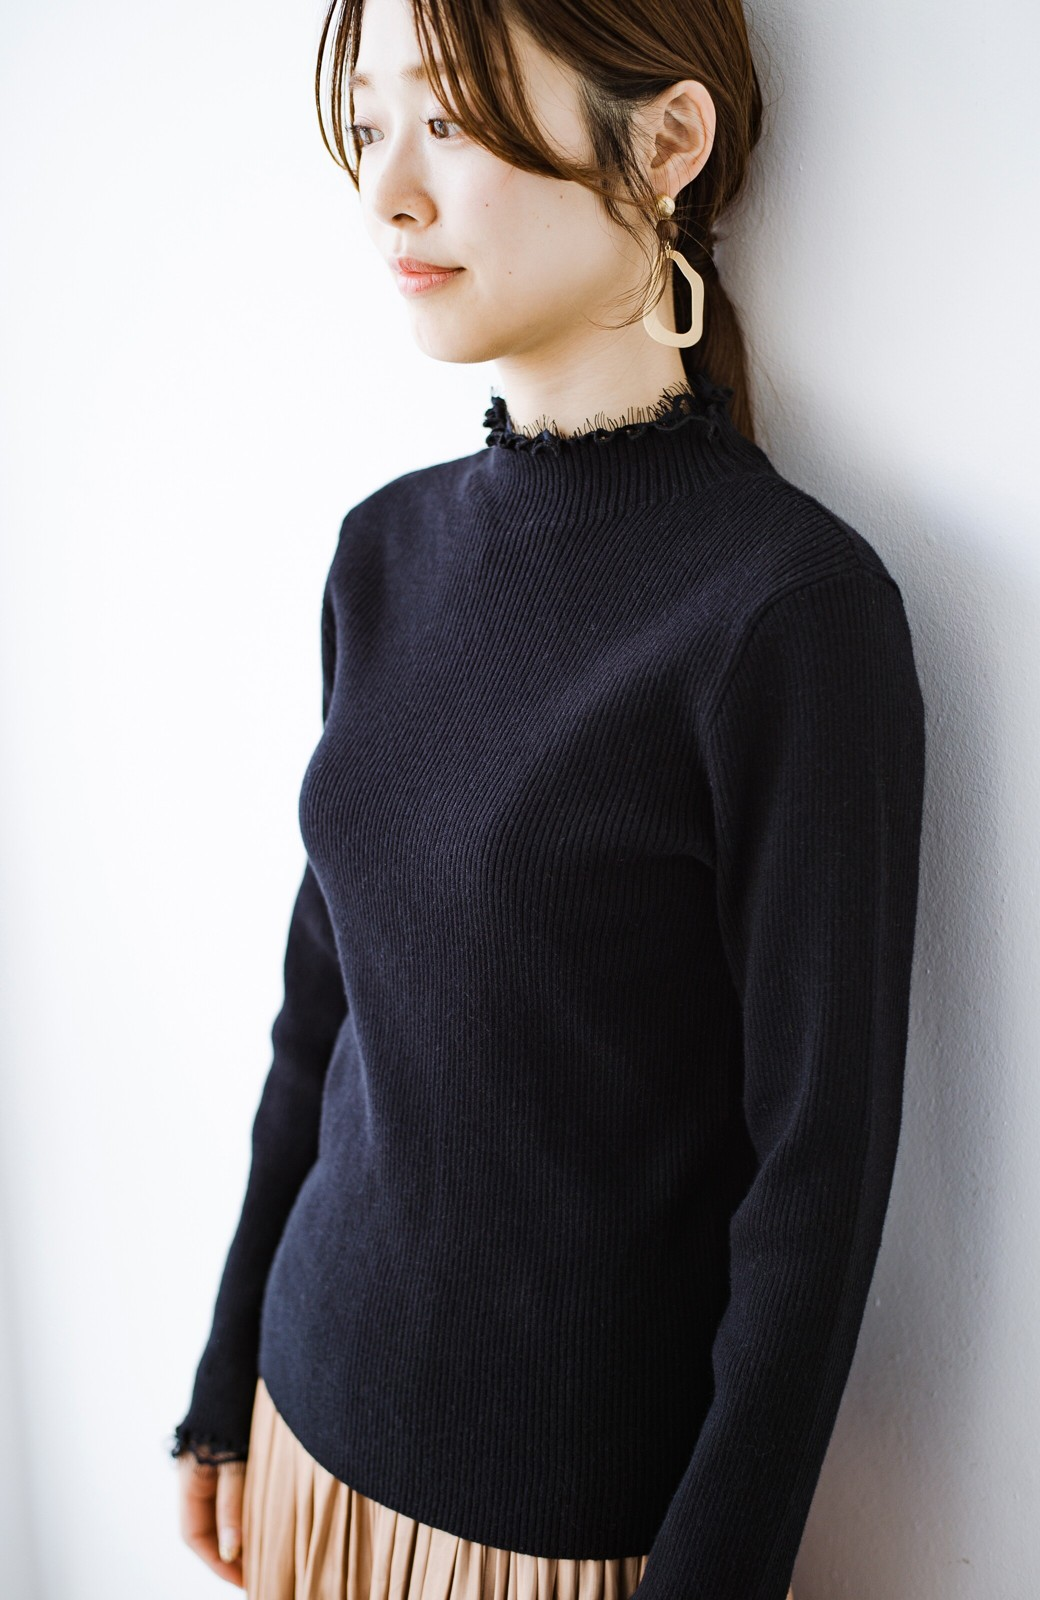 haco! 1枚でも重ね着でも便利!合わせやすくてかわいげを足せる 衿レース付きニットby style zampa <ブラック>の商品写真1